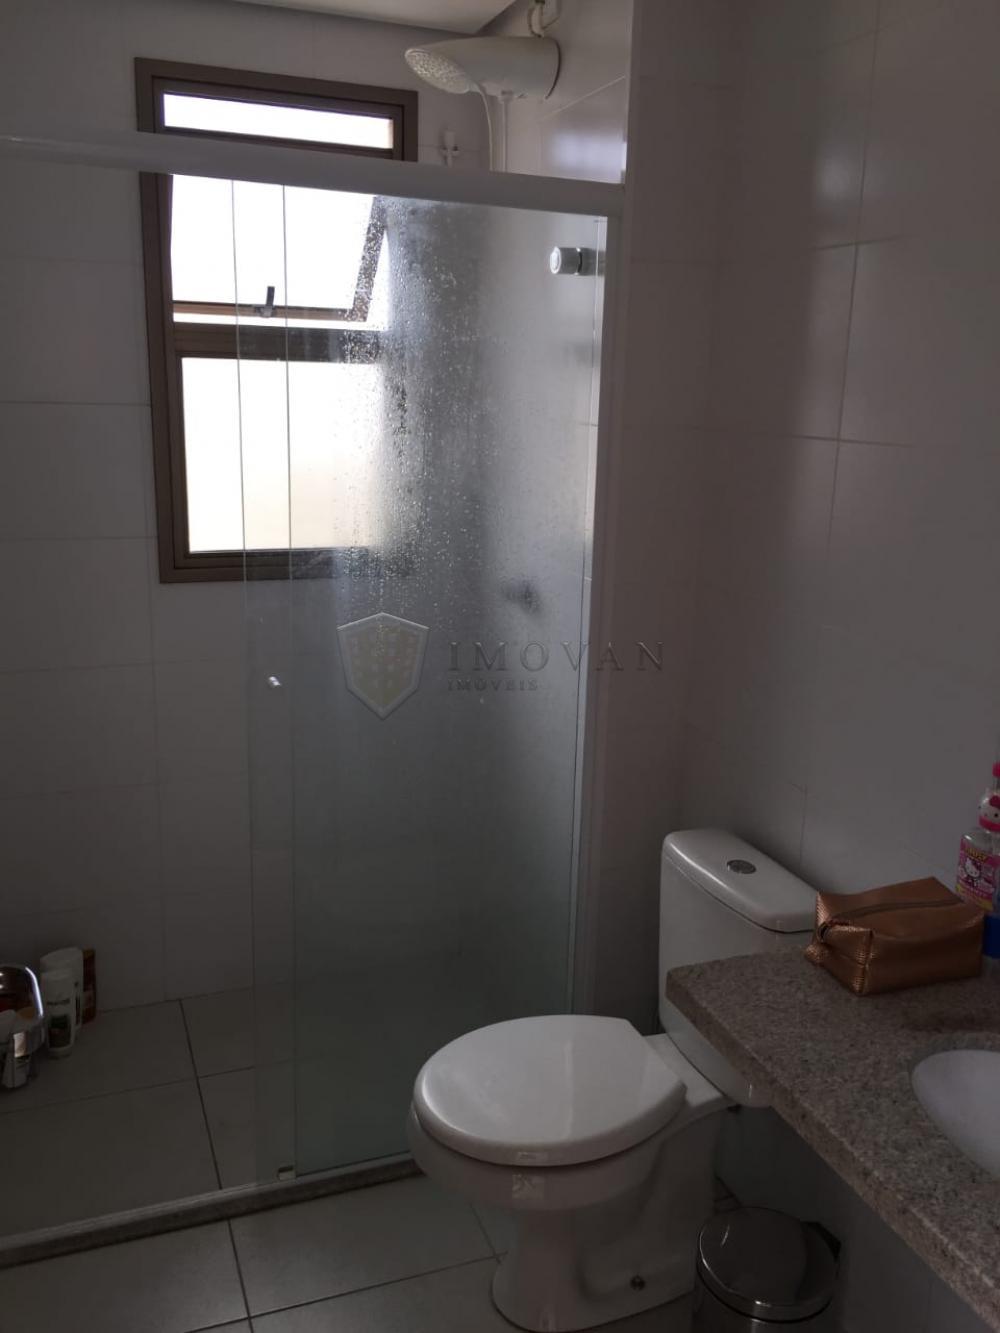 Alugar Apartamento / Padrão em Ribeirão Preto apenas R$ 1.600,00 - Foto 19